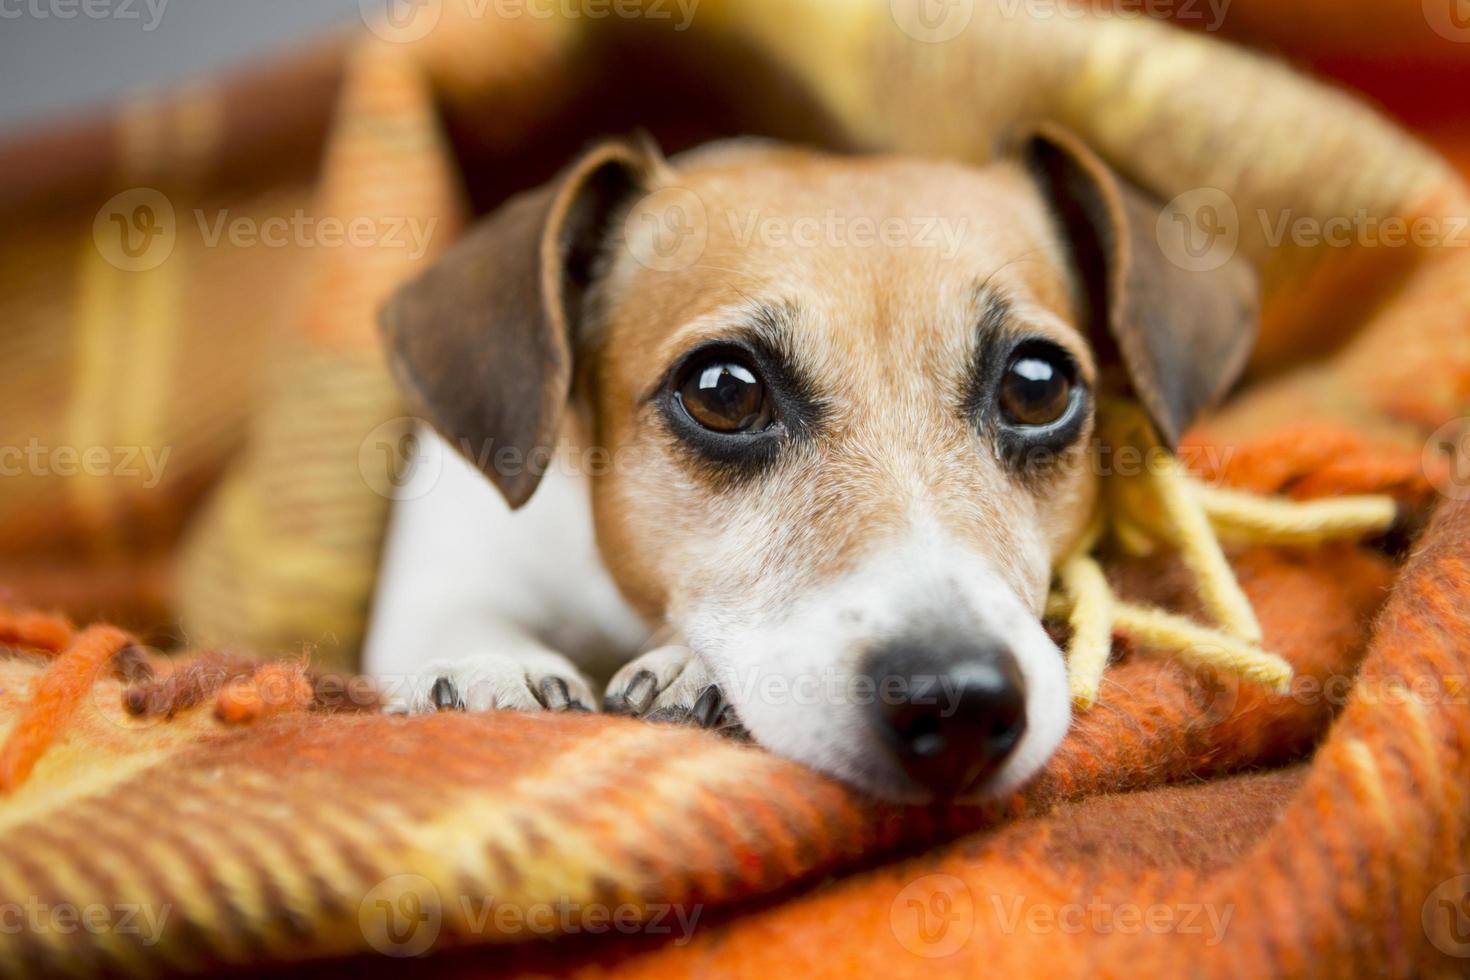 cucciolo relax e comfort foto